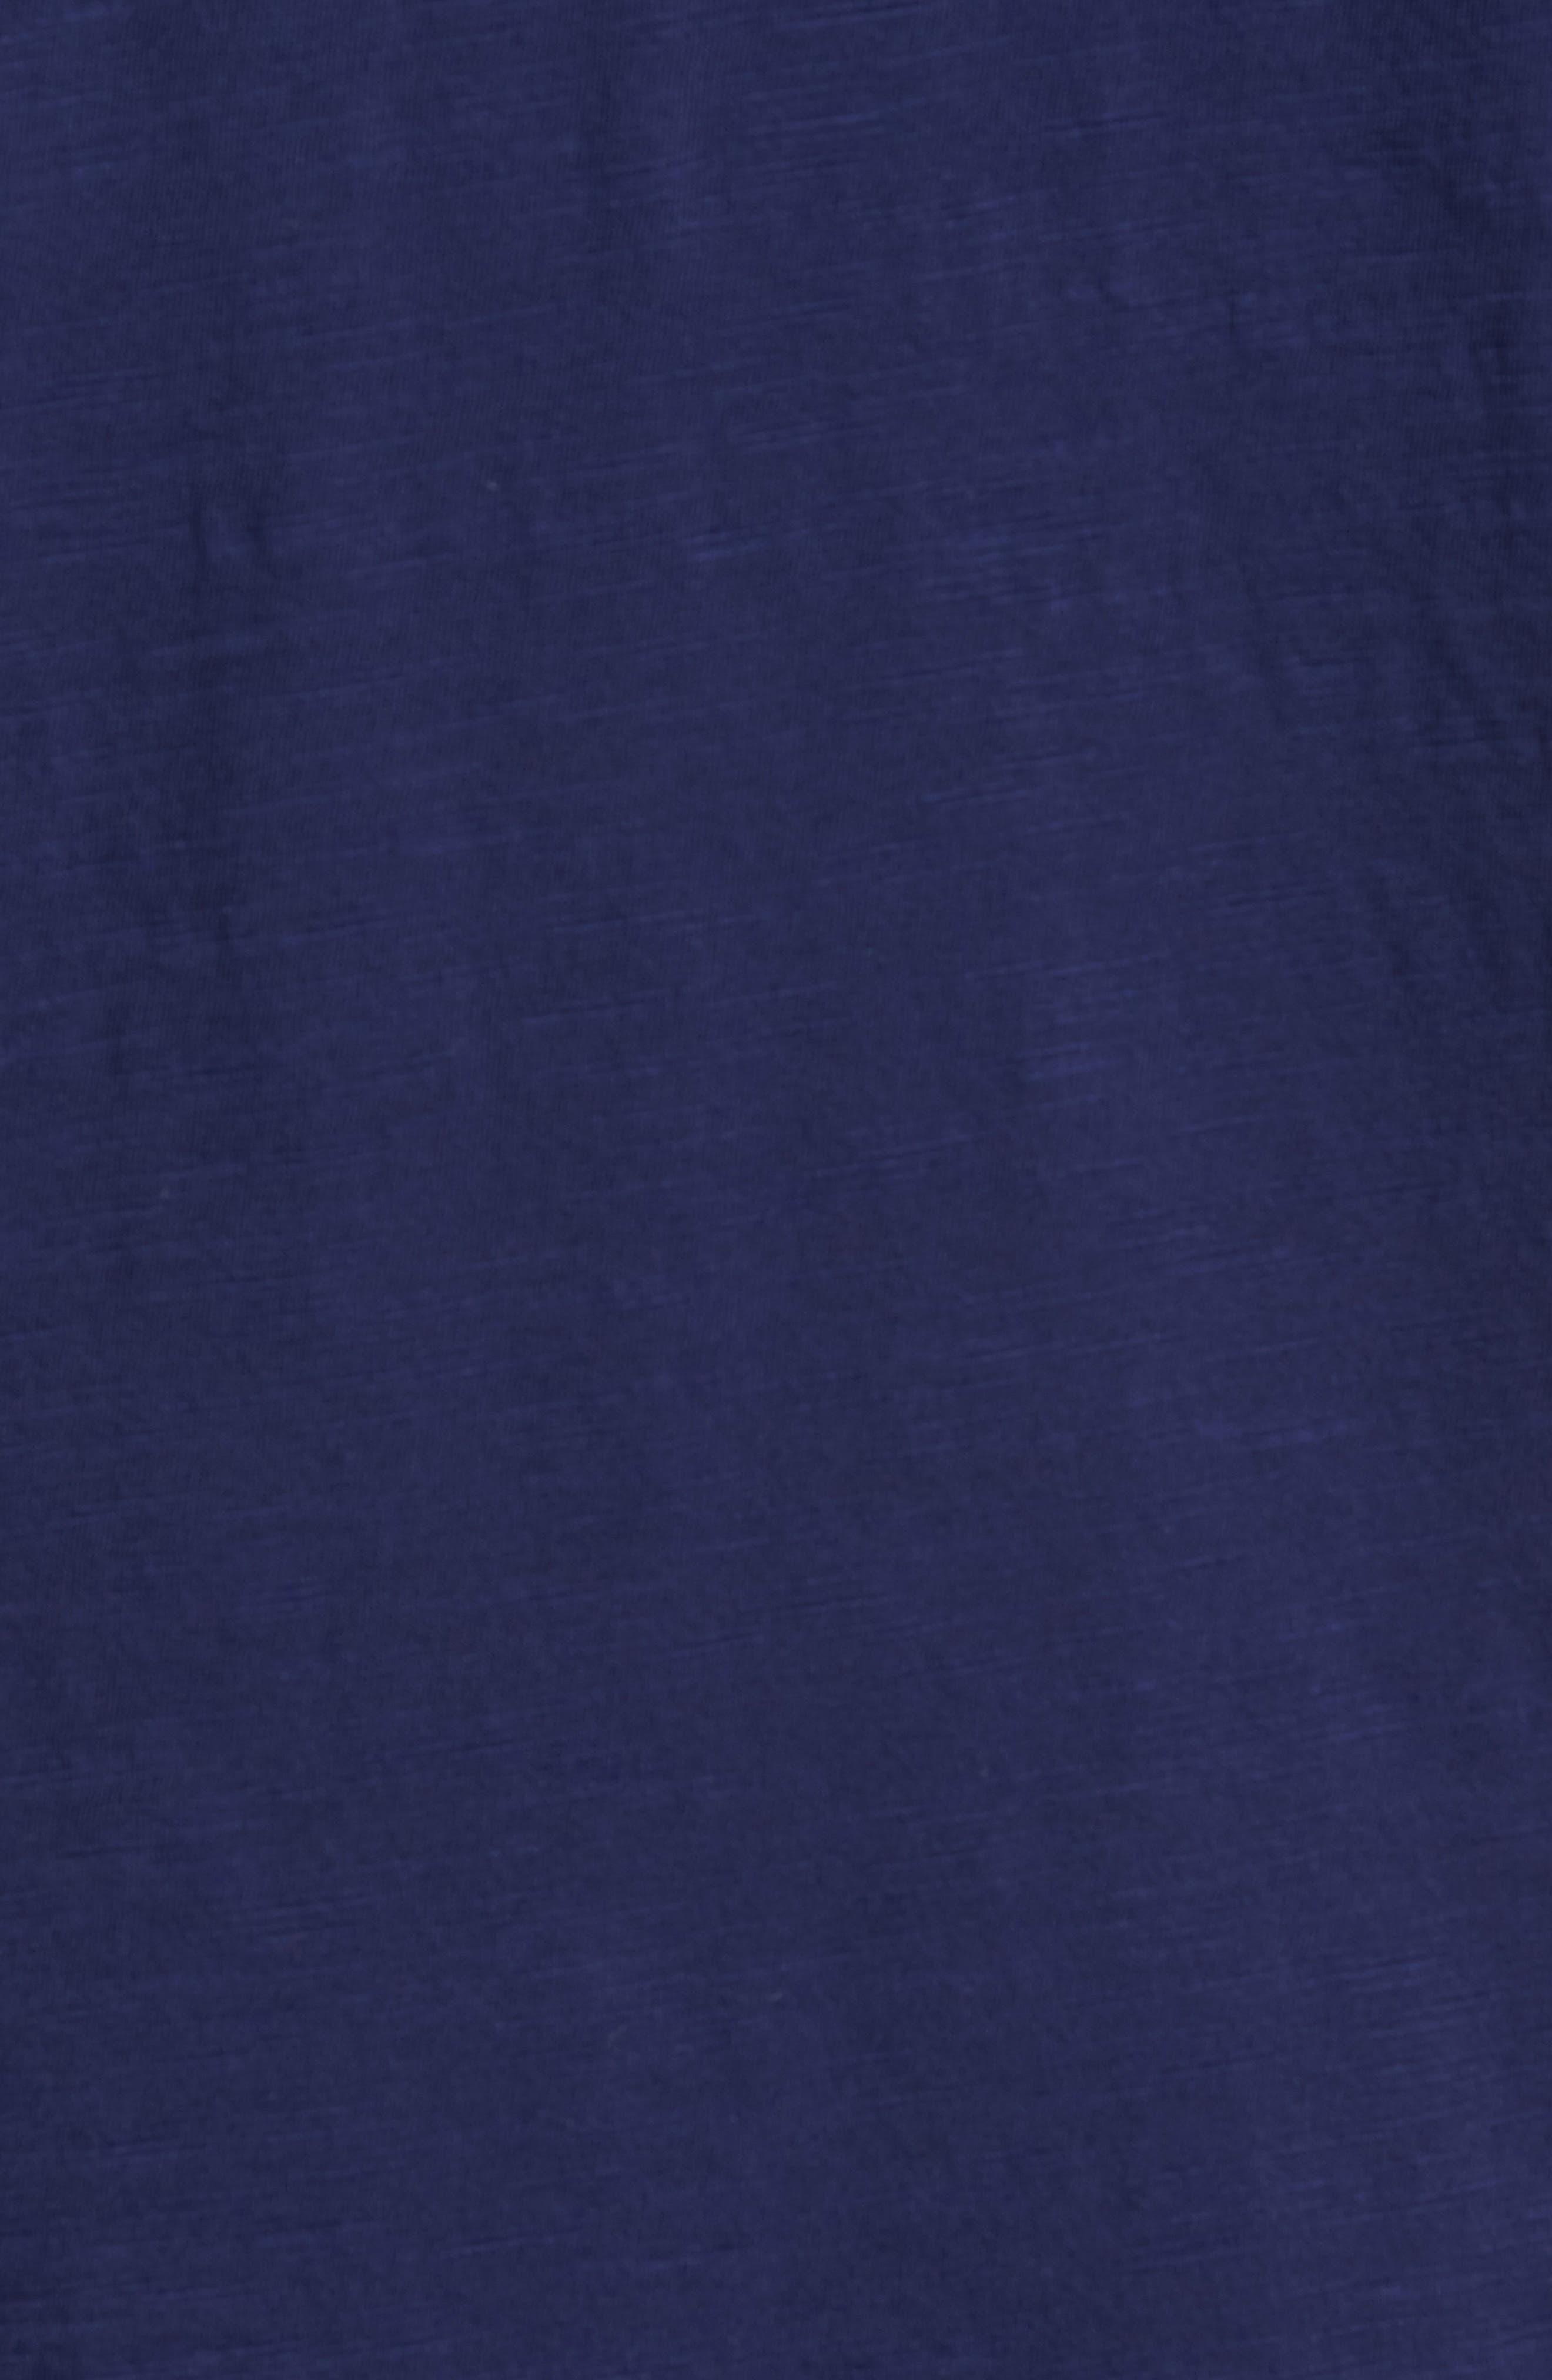 Garment Dye Slub Knit Henley,                             Alternate thumbnail 24, color,